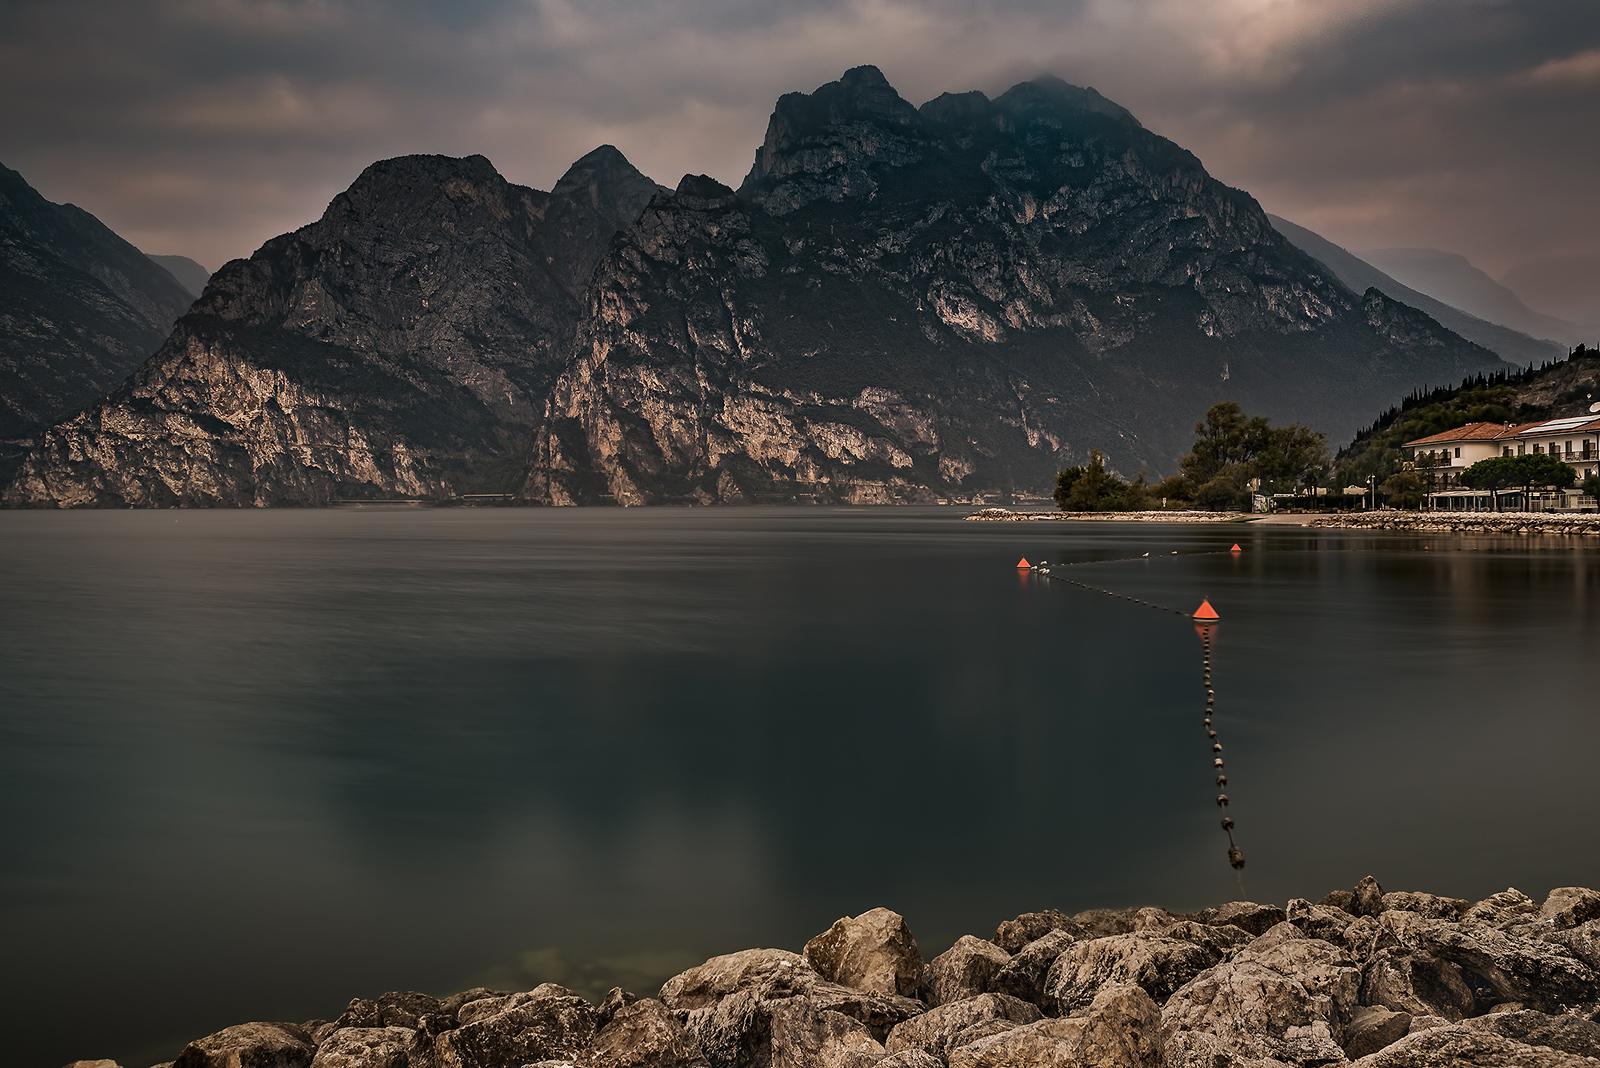 Lake garda - Torbole